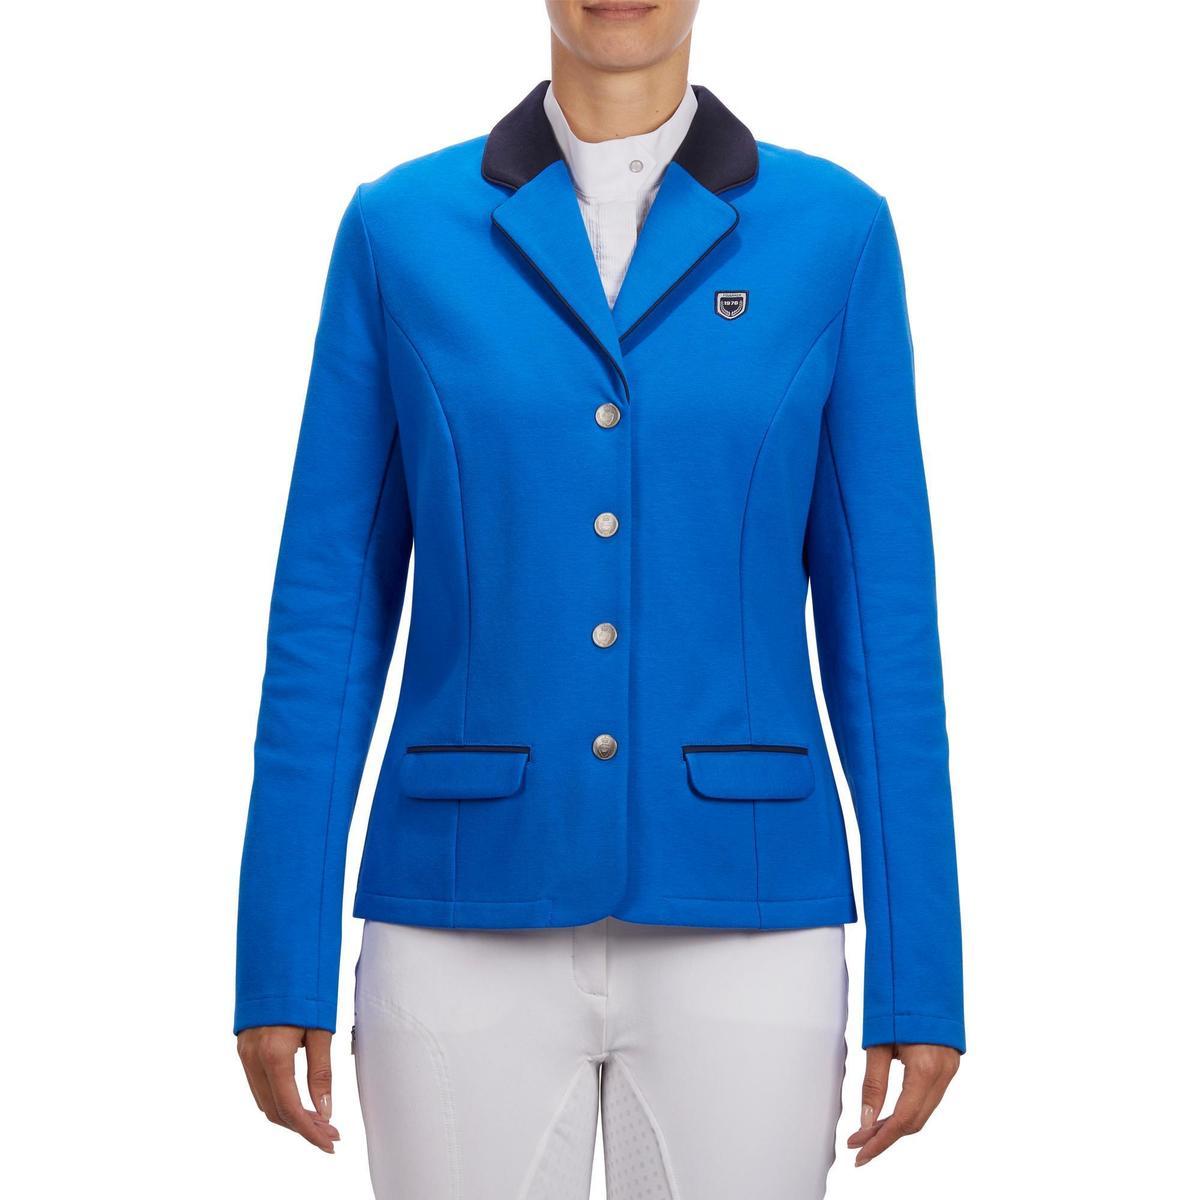 Bild 2 von Turnierjacket COMP100 Damen königsblau